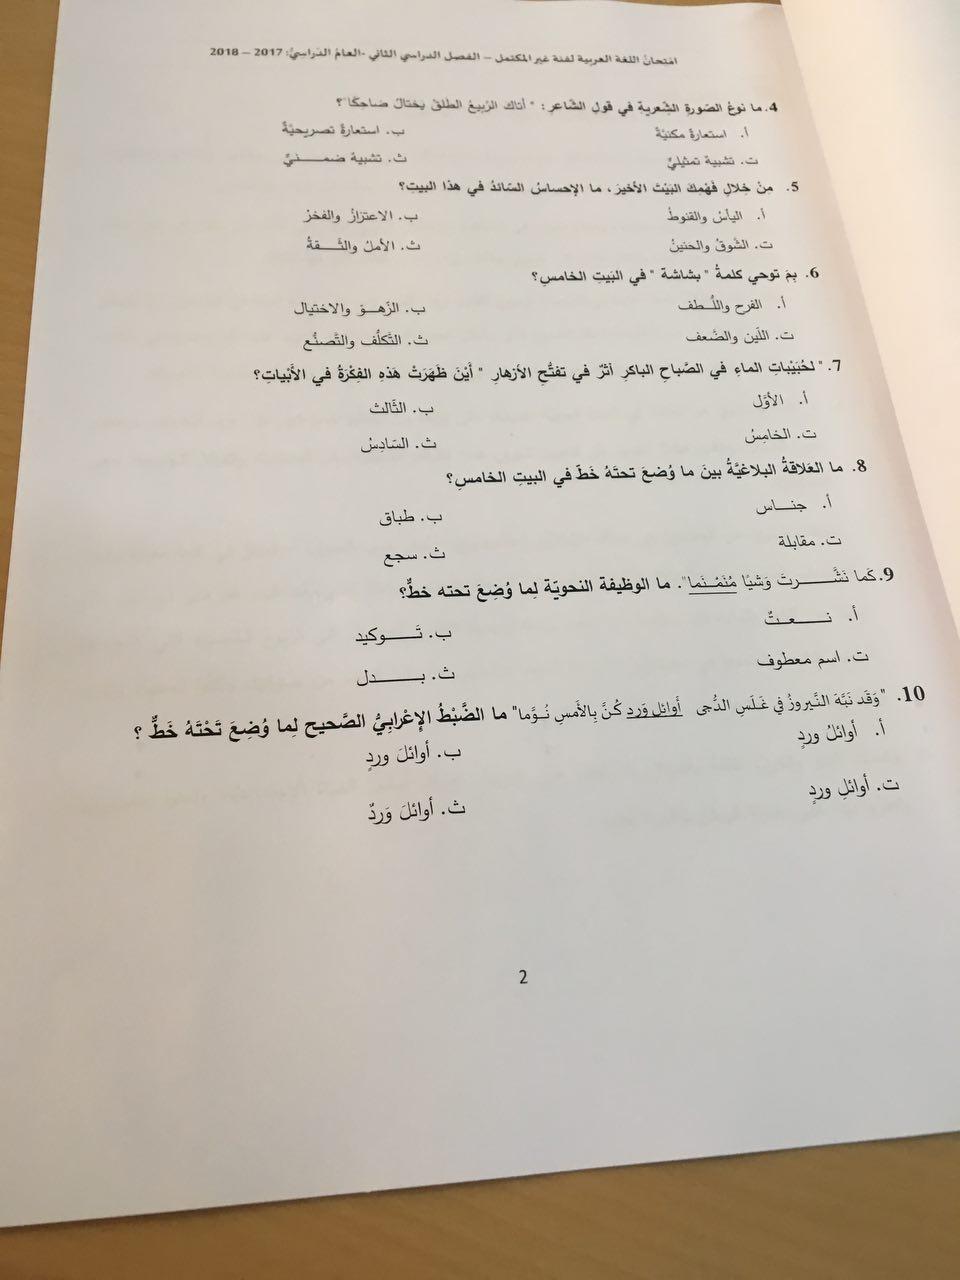 الصف العاشر، الفصل الثاني، لغة عربية، 2017-2018 ...